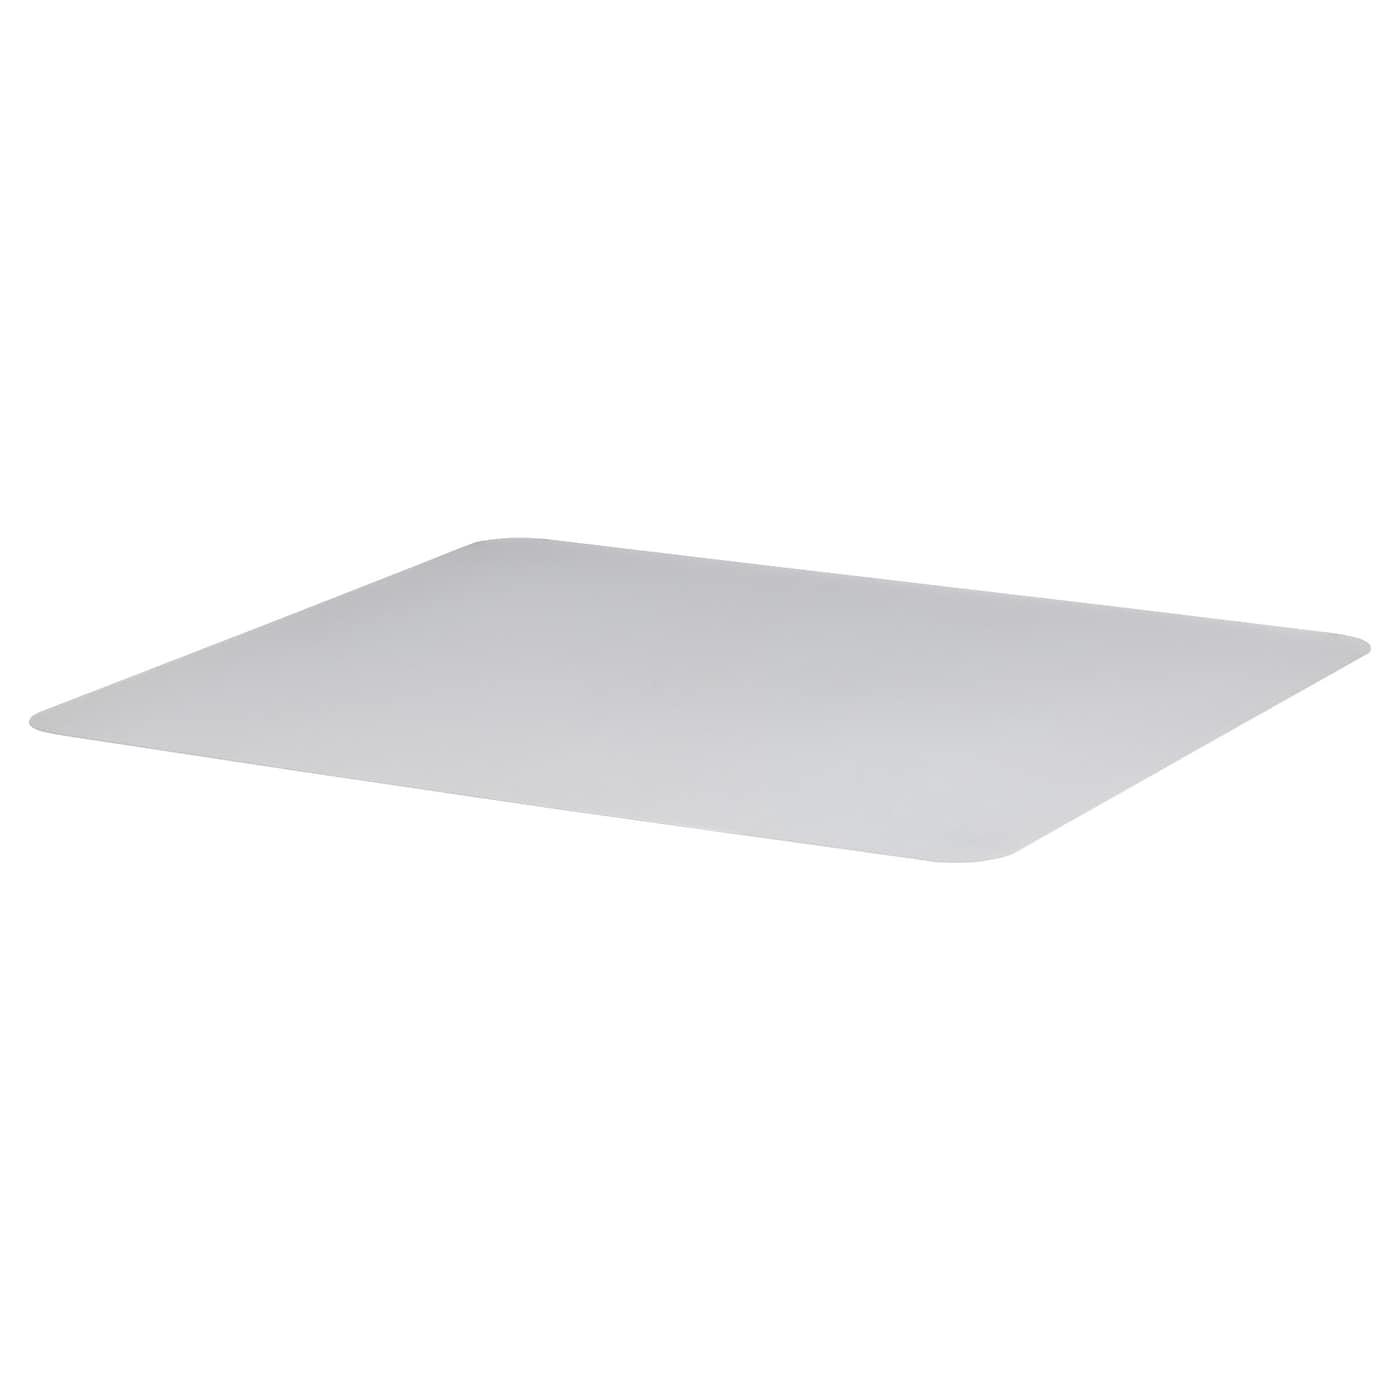 Kolon Floor Protector 47 1 4x39 3 8 Ikea